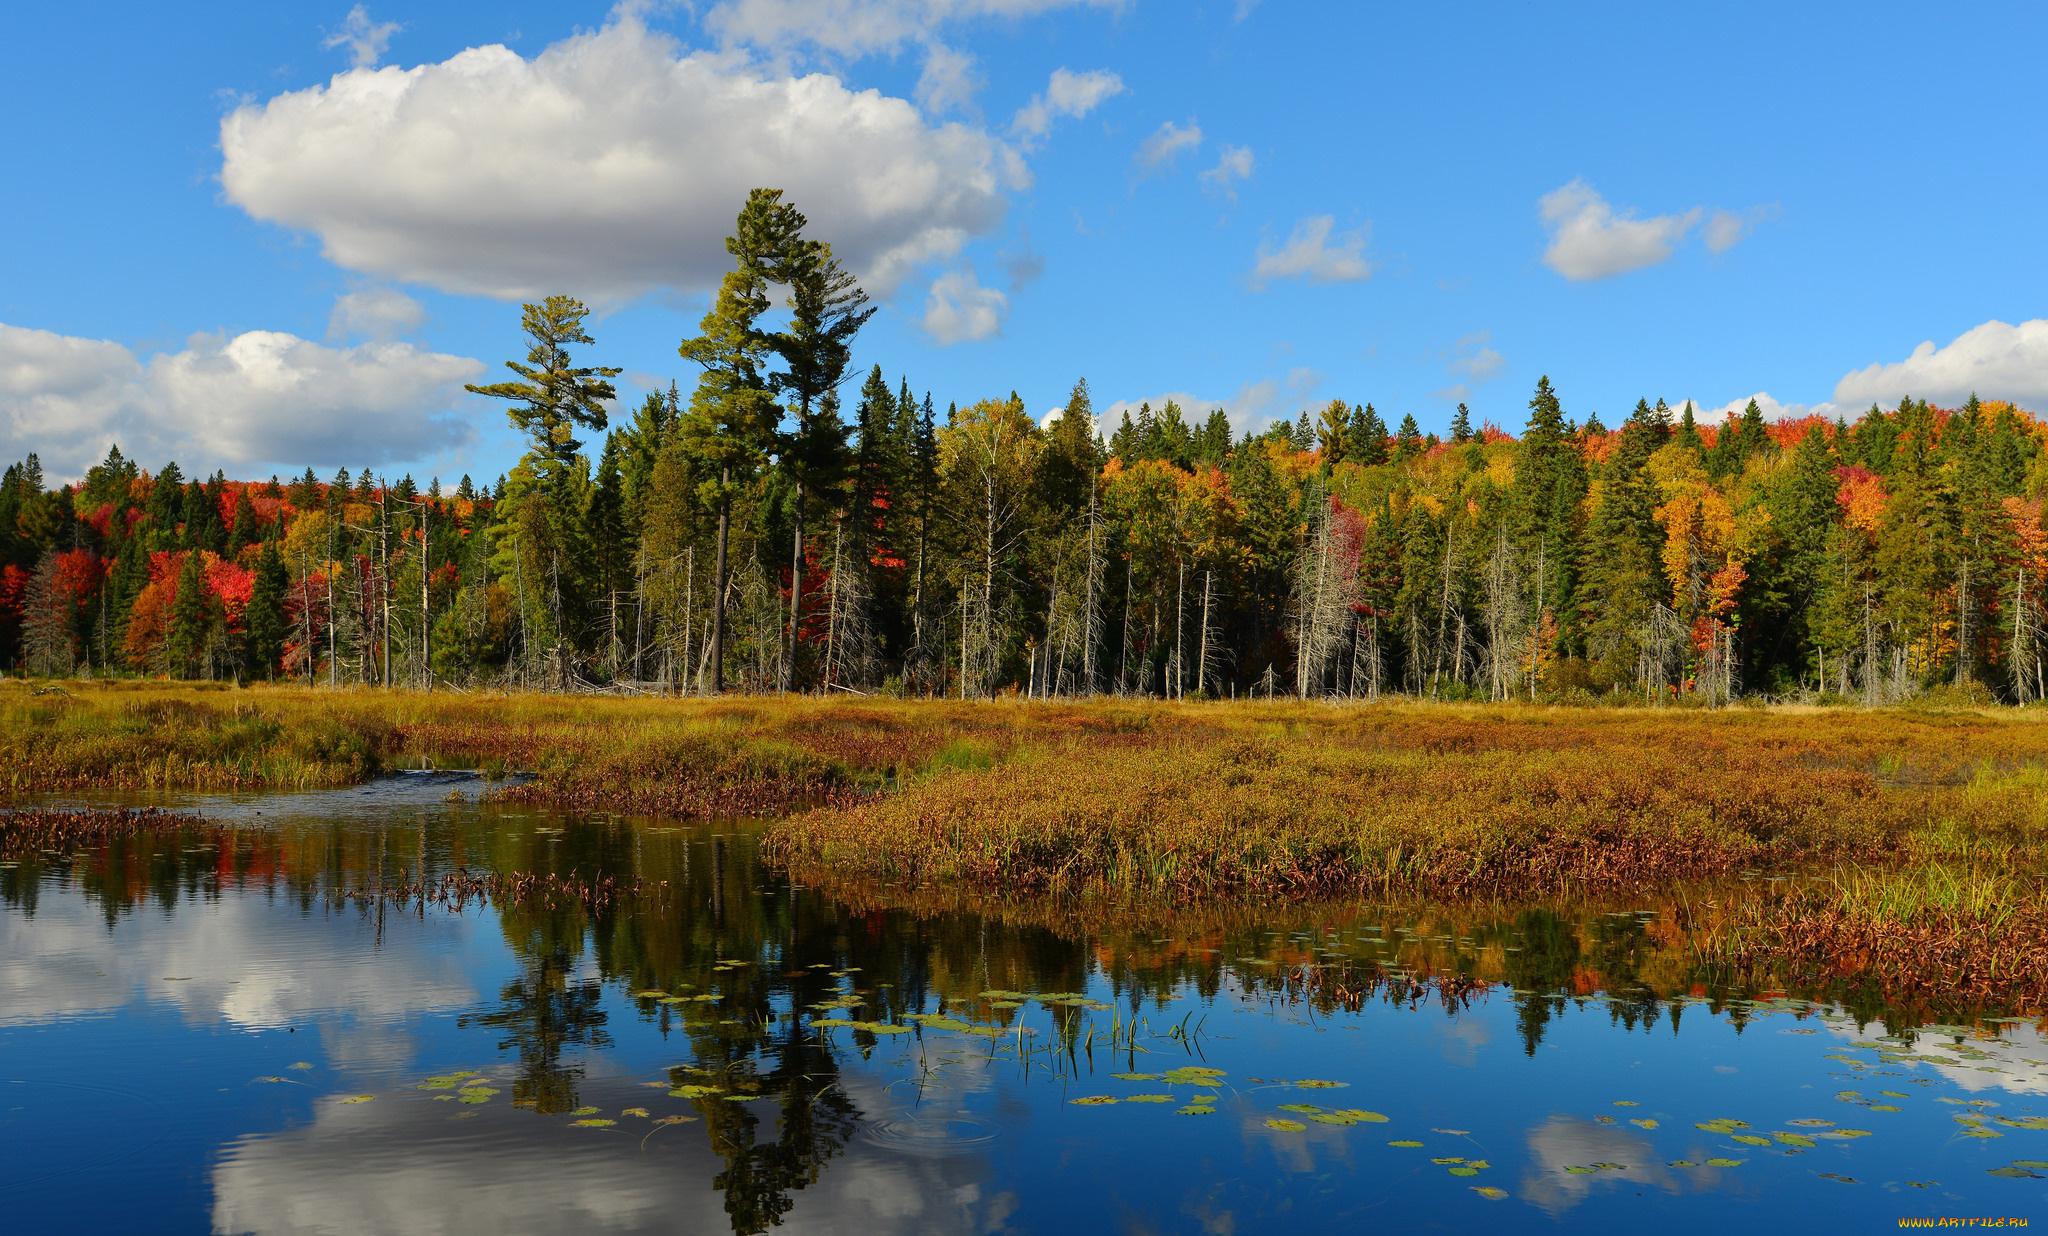 природа озеро деревья небо оссень  № 2535997 загрузить